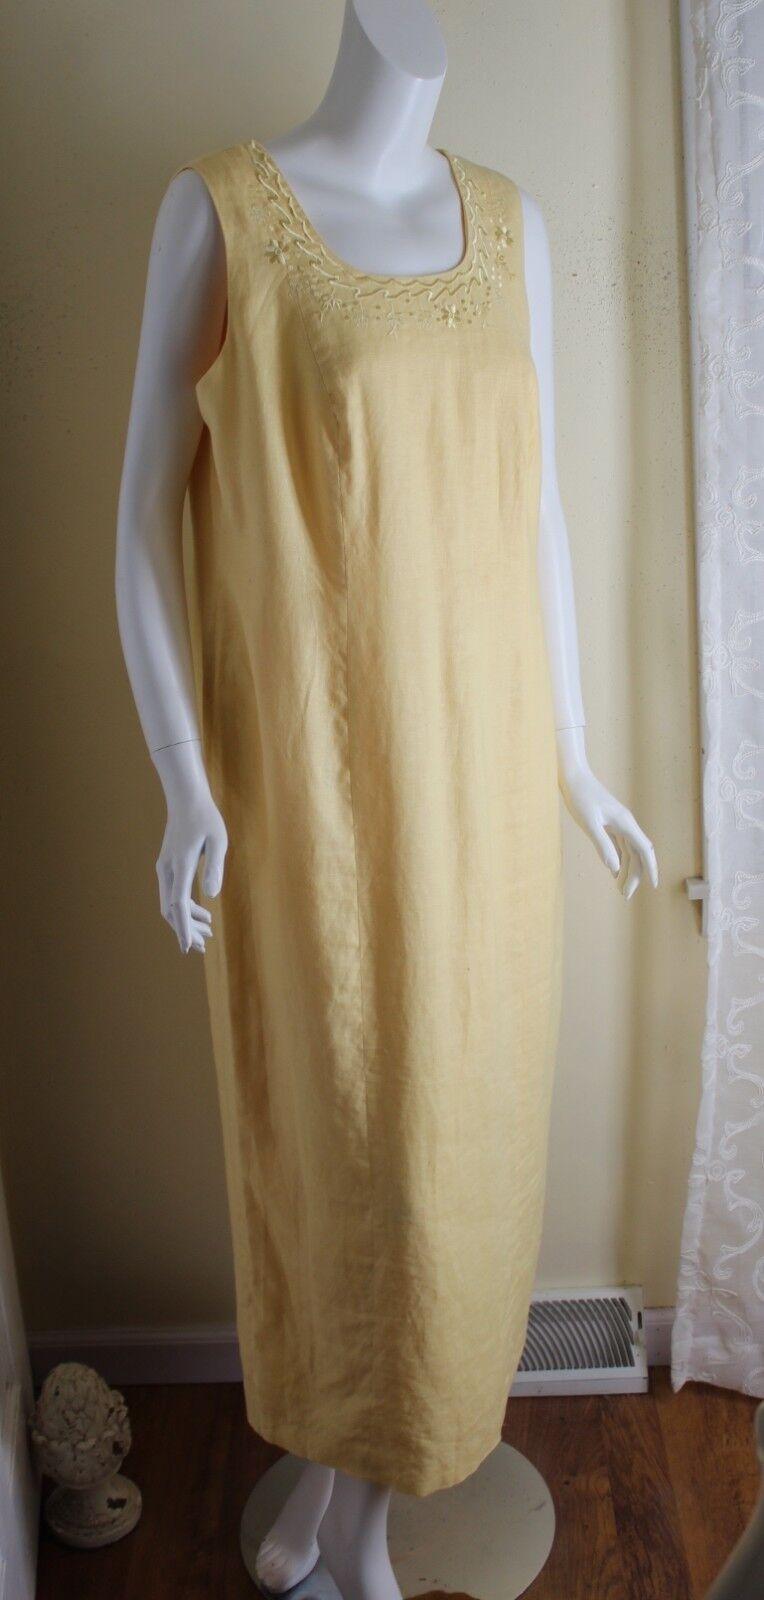 Spenser Jeremy Sz 14 Soft Sunflower Yellow Linen Embroidered Art-to-Wear Dress